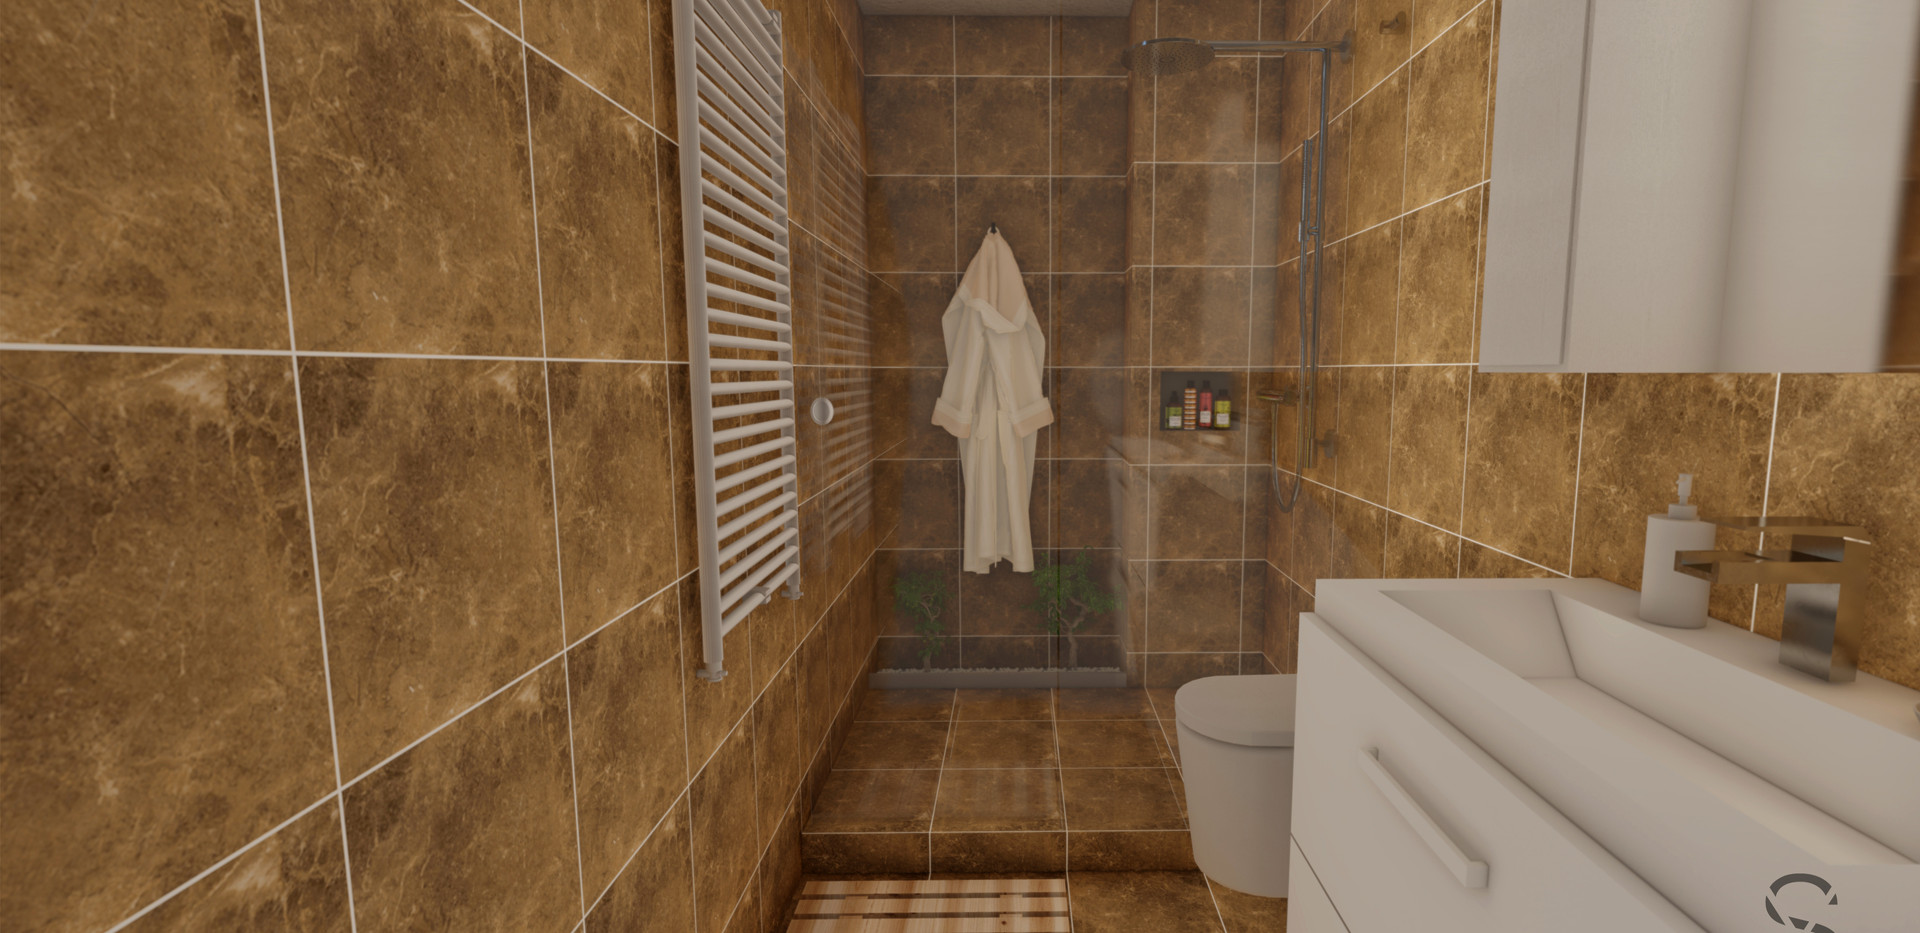 Bathroom re-organised